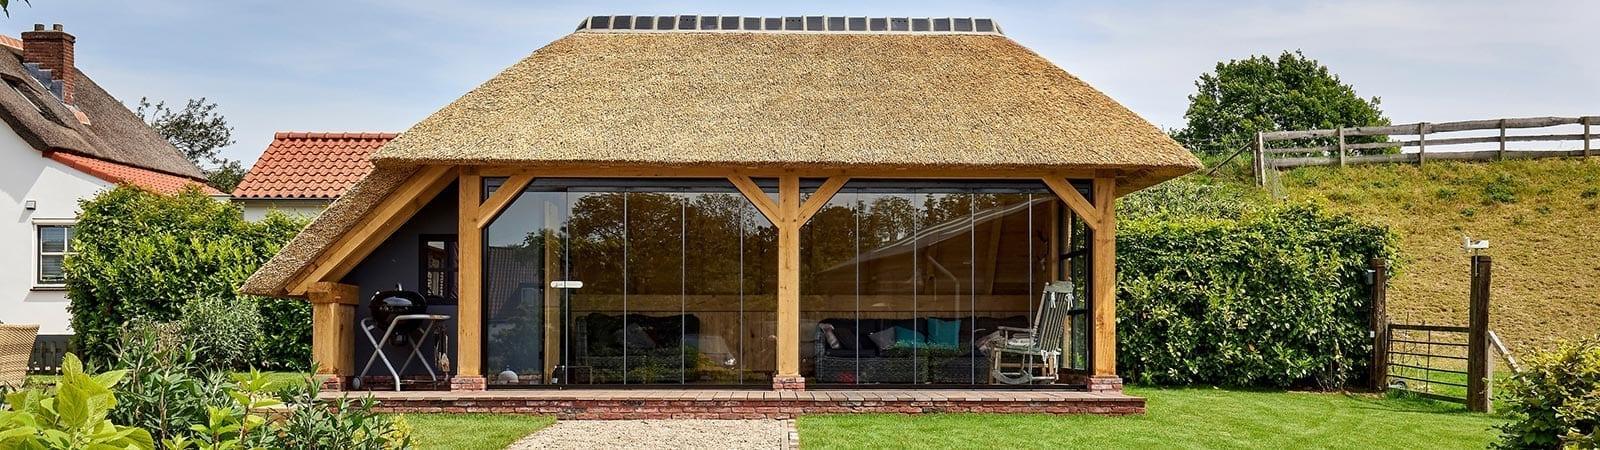 Tuinkamer rieten dak